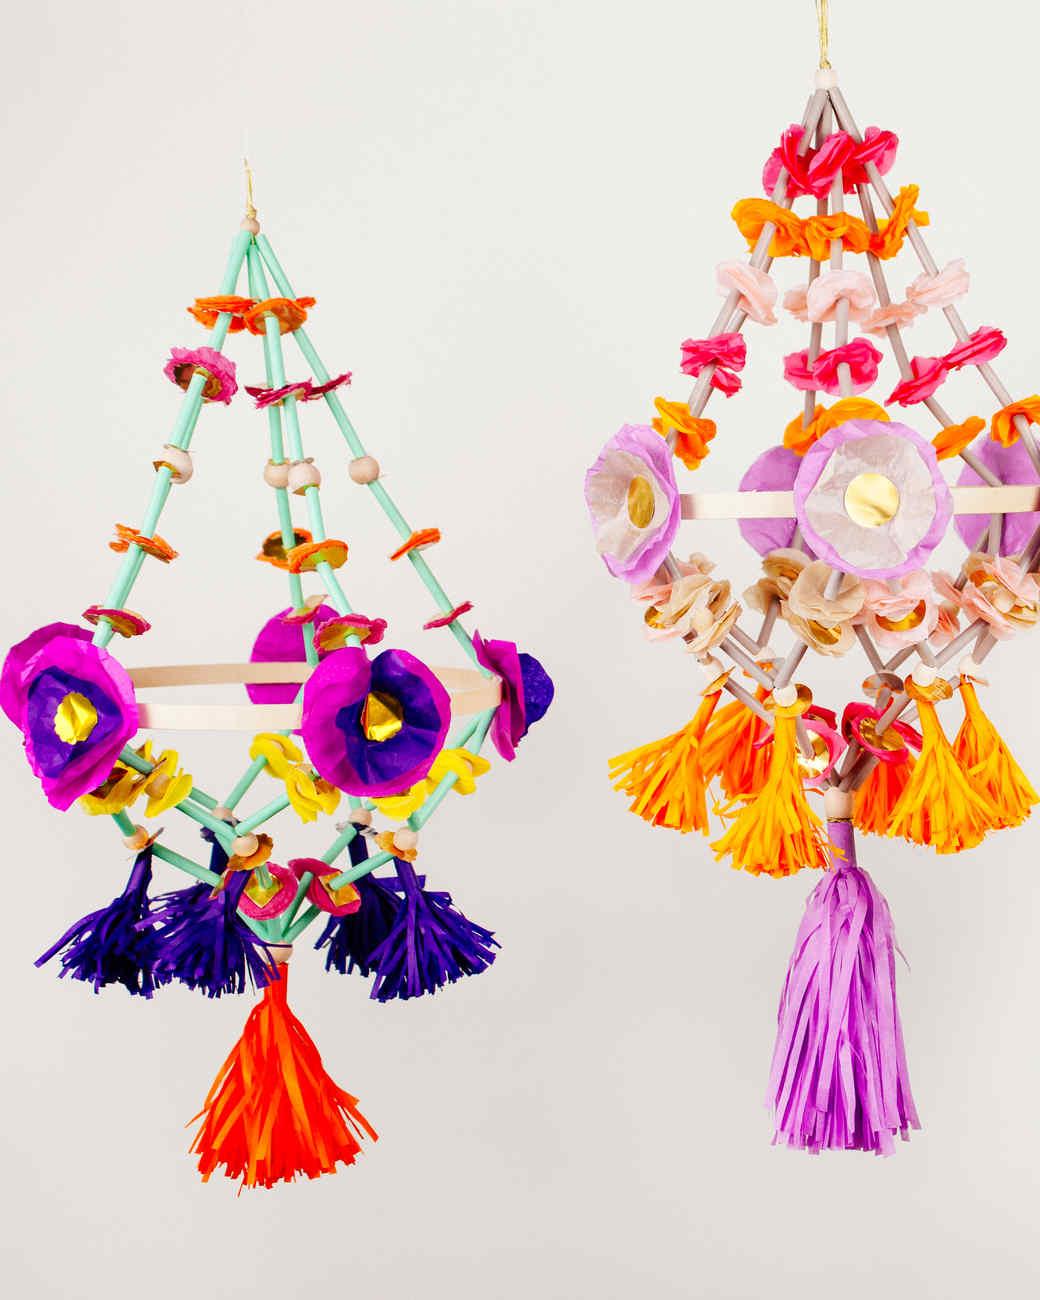 Diy pajaki paper chandeliers martha stewart diy pajaki paper chandeliers mozeypictures Image collections